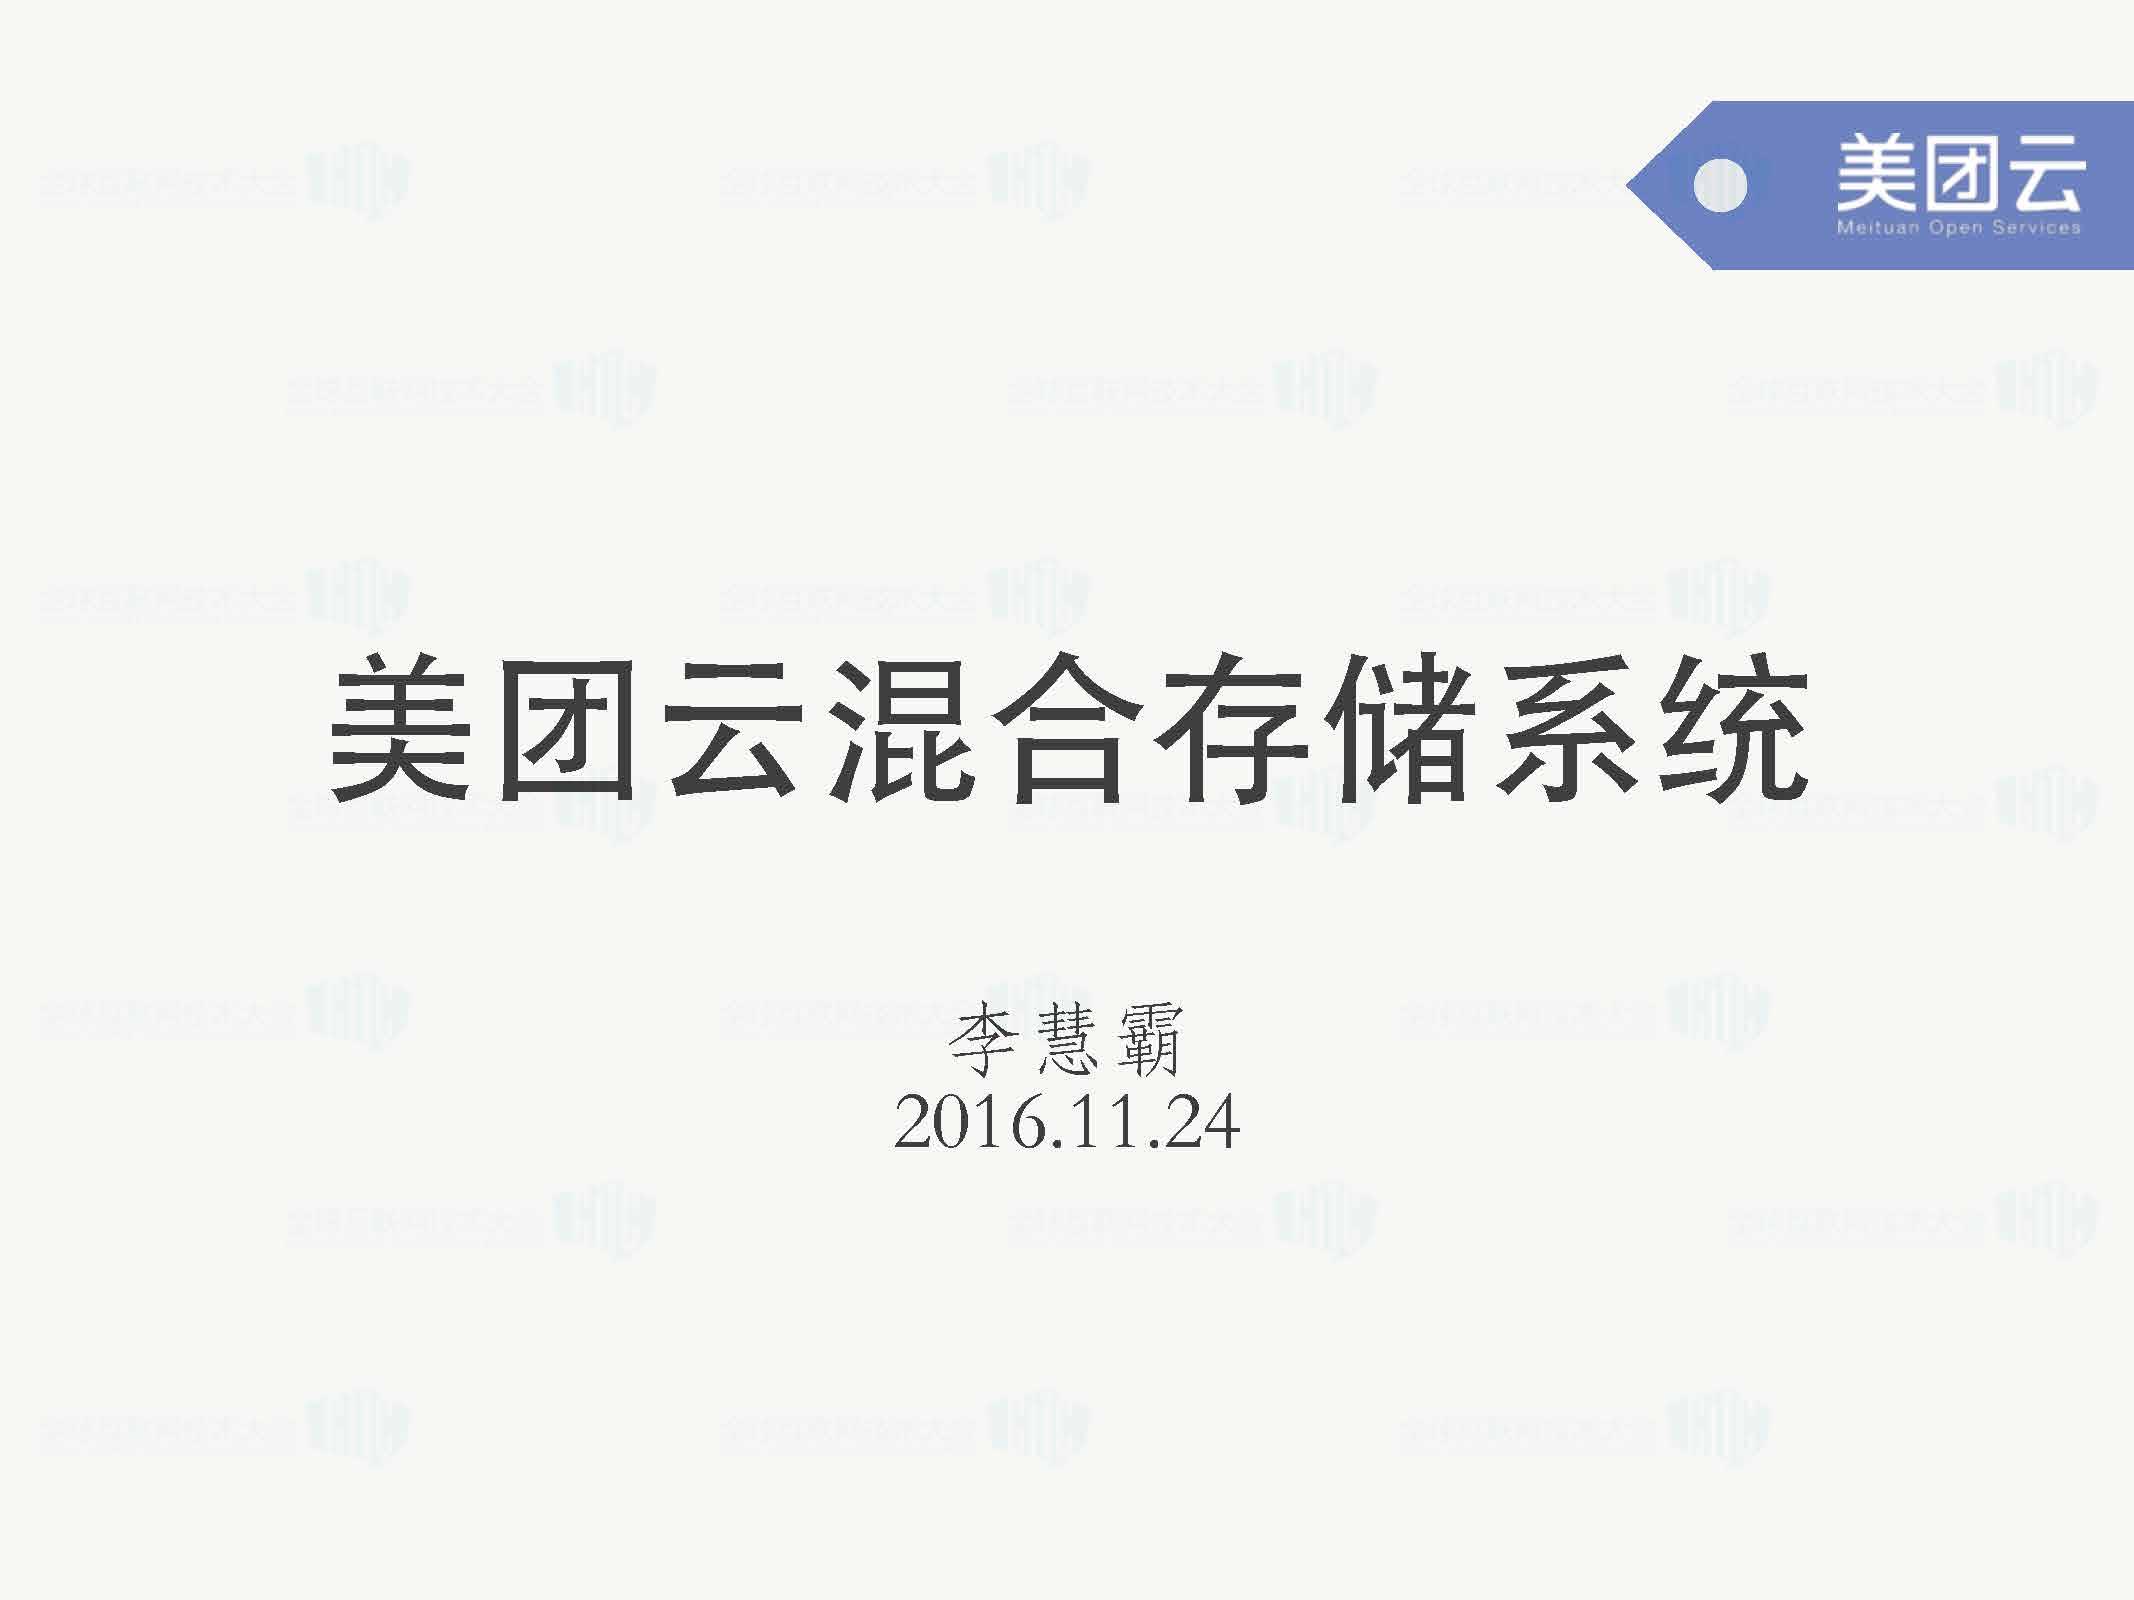 李慧霸-美团云混合存储系统